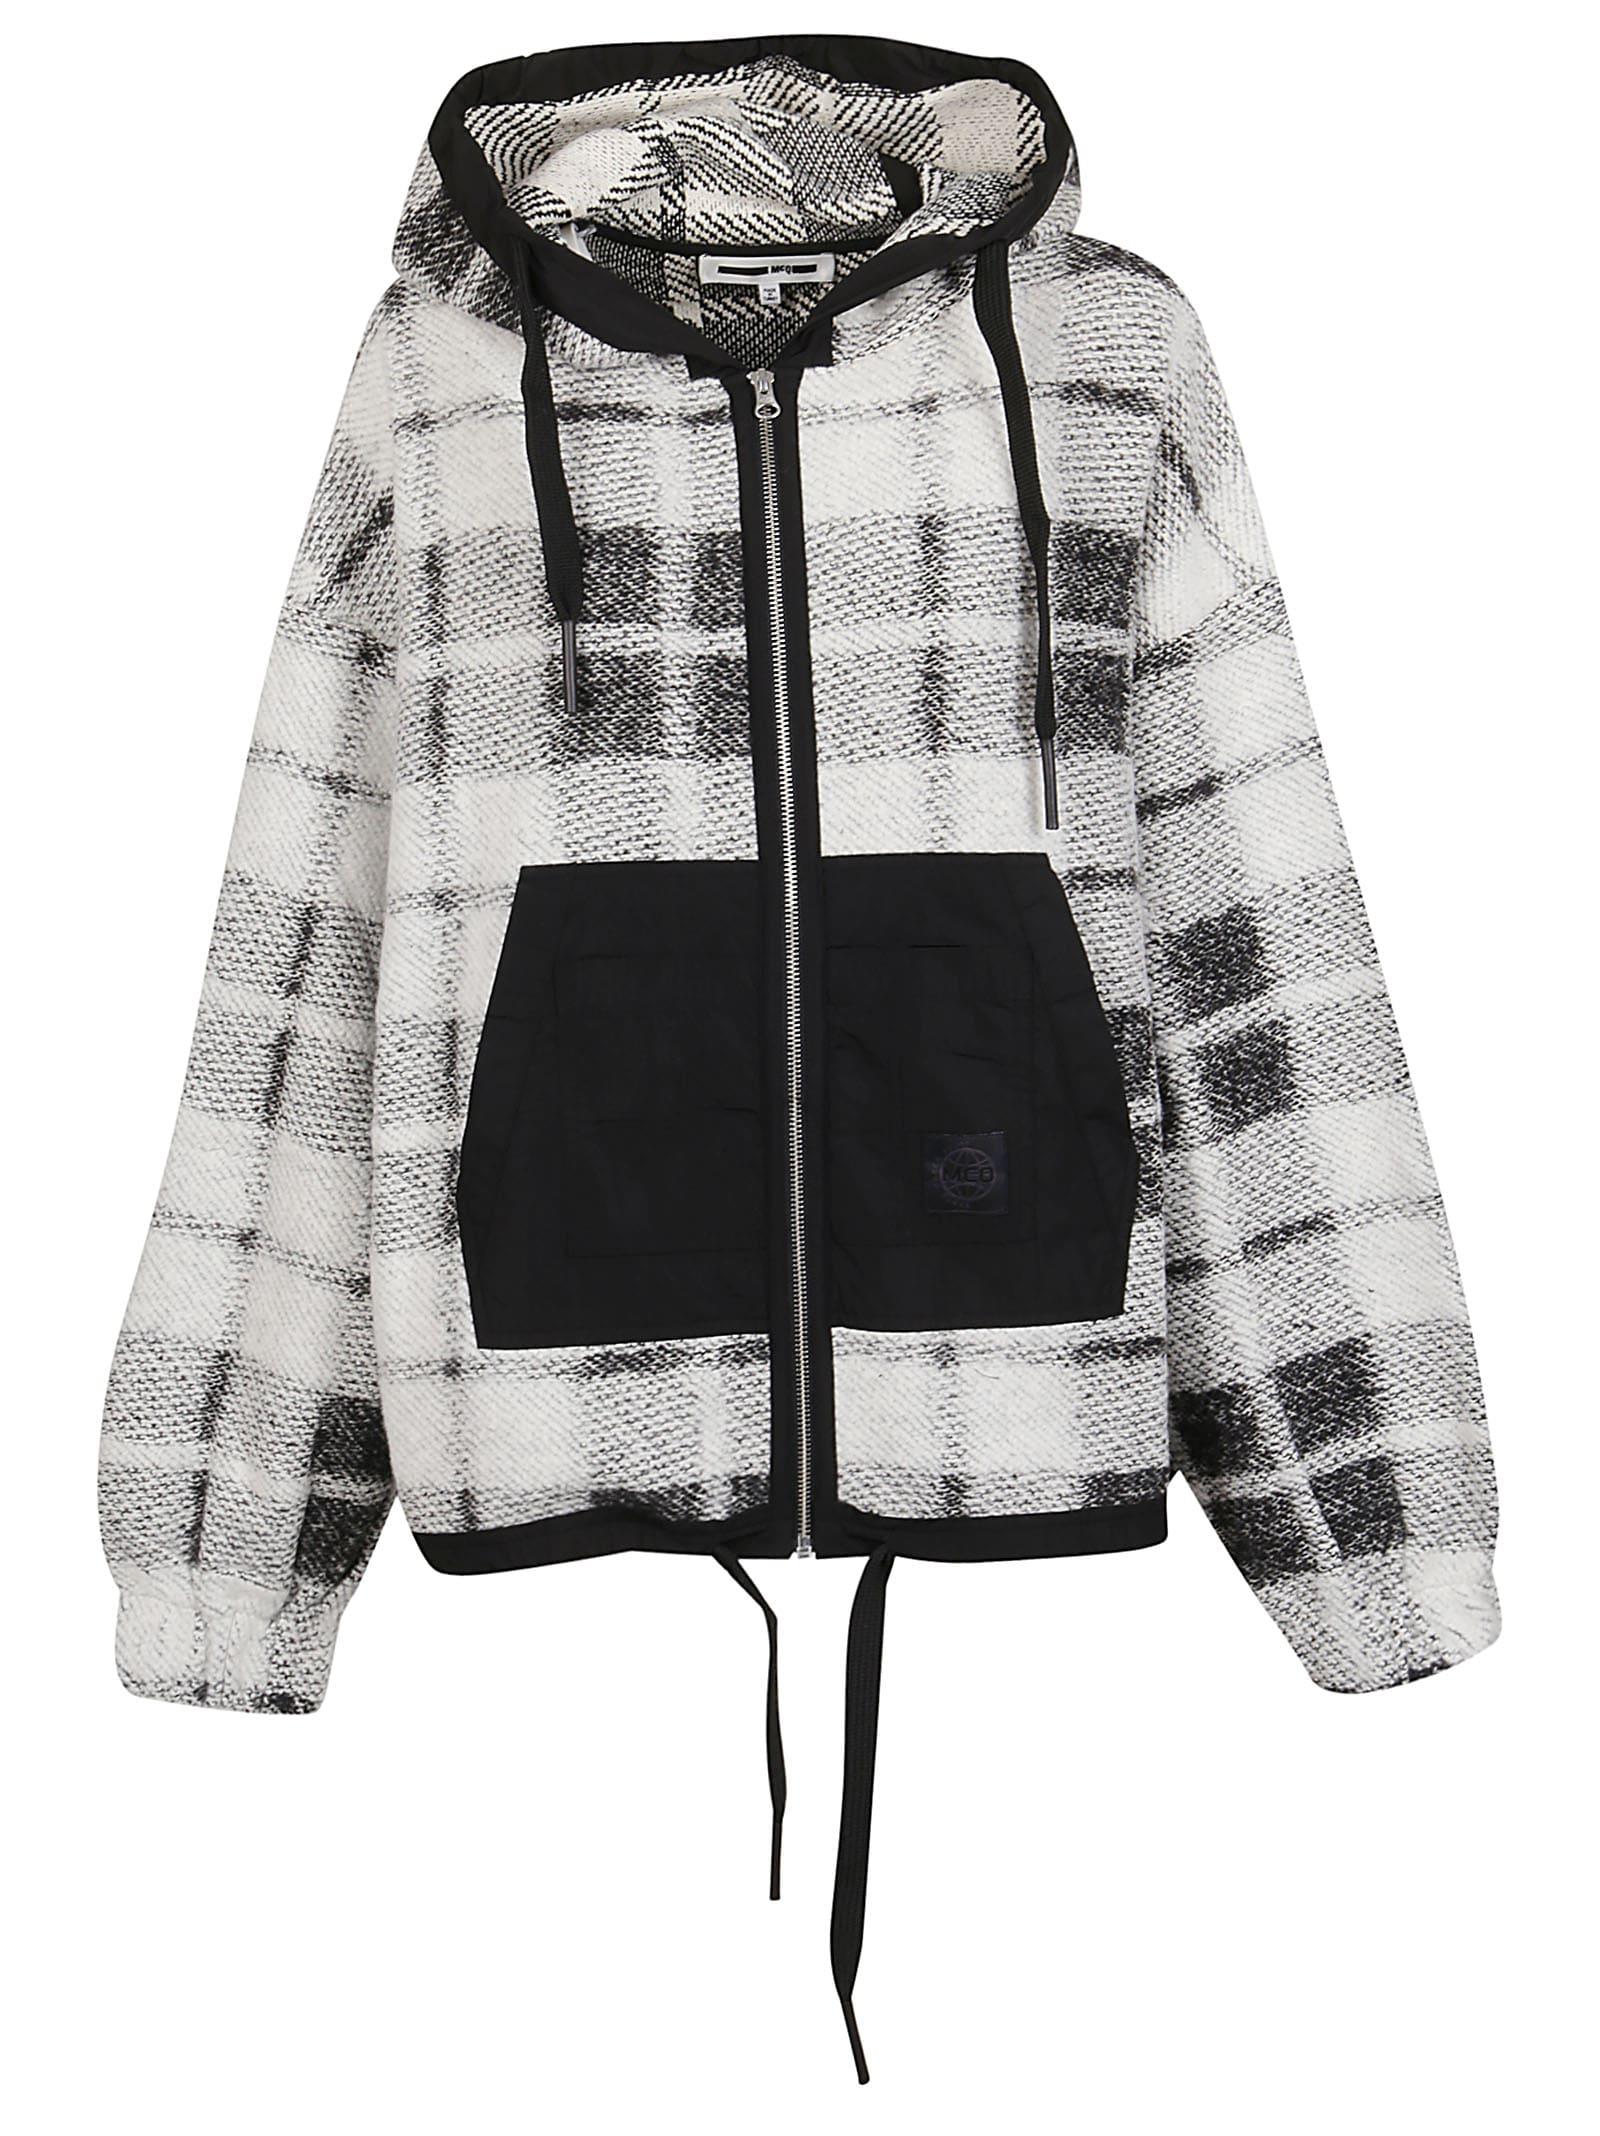 McQ Alexander McQueen Jacket